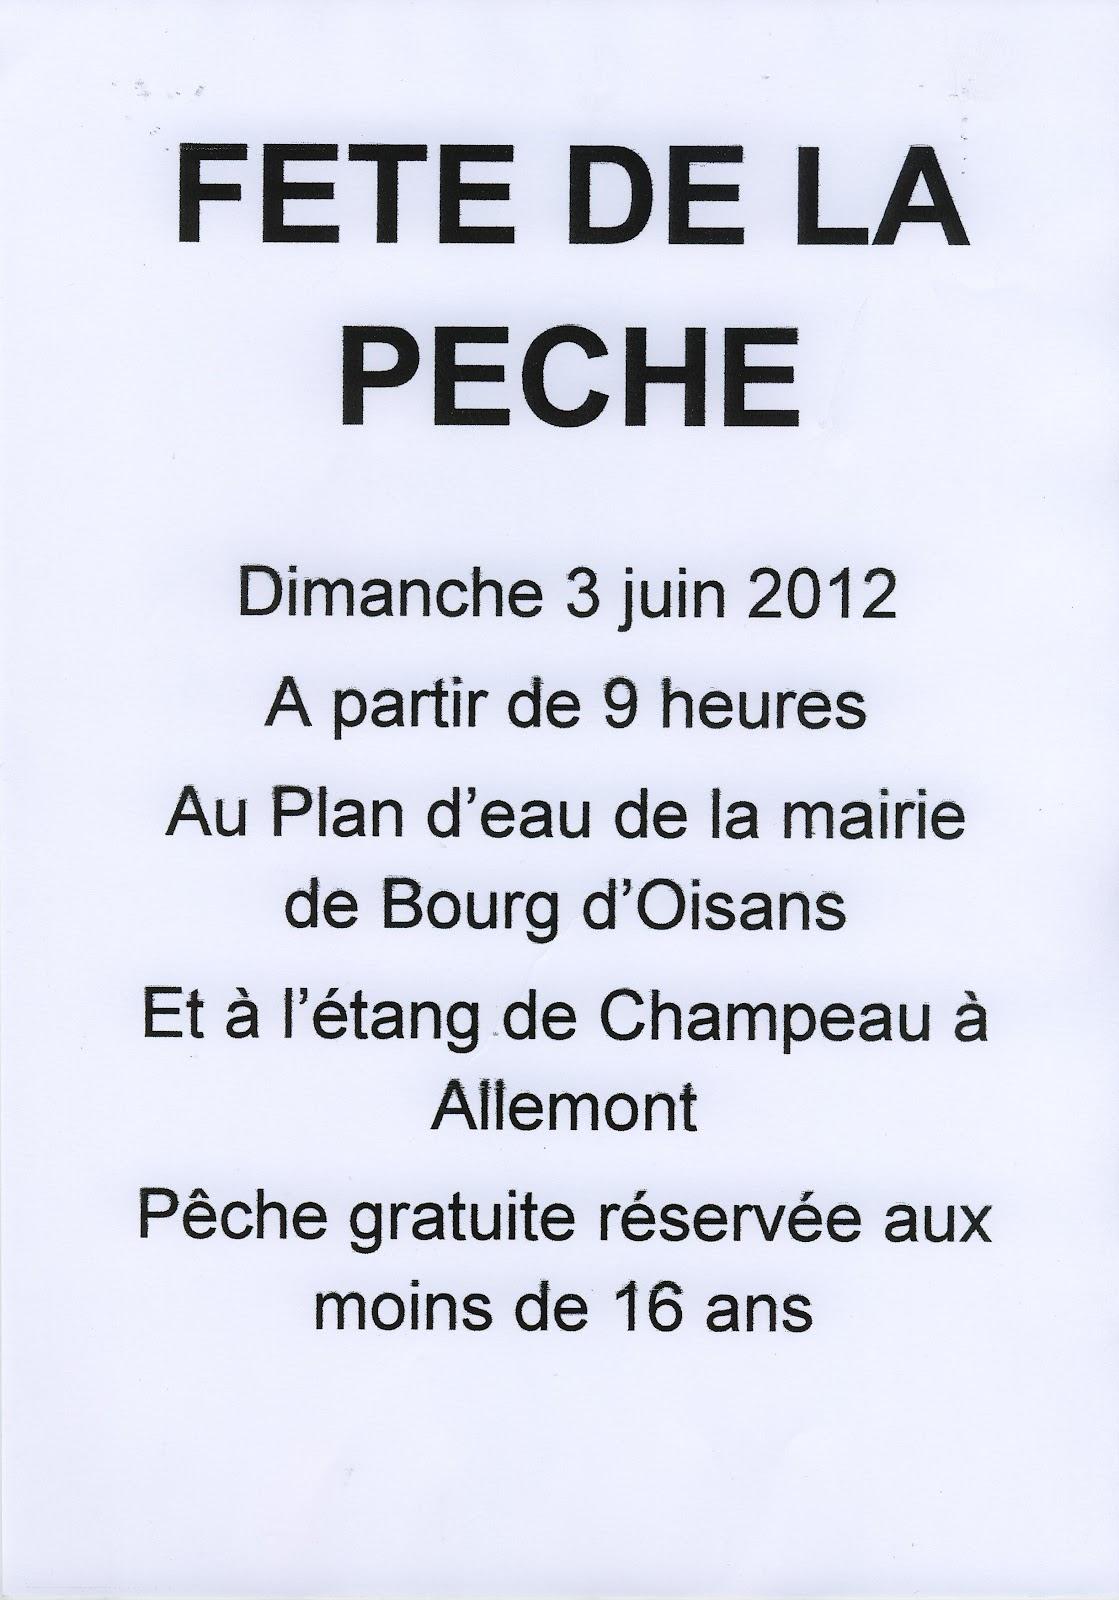 News de l 39 office de tourisme bourg d 39 oisans mai 2012 - Bourg d oisans office tourisme ...